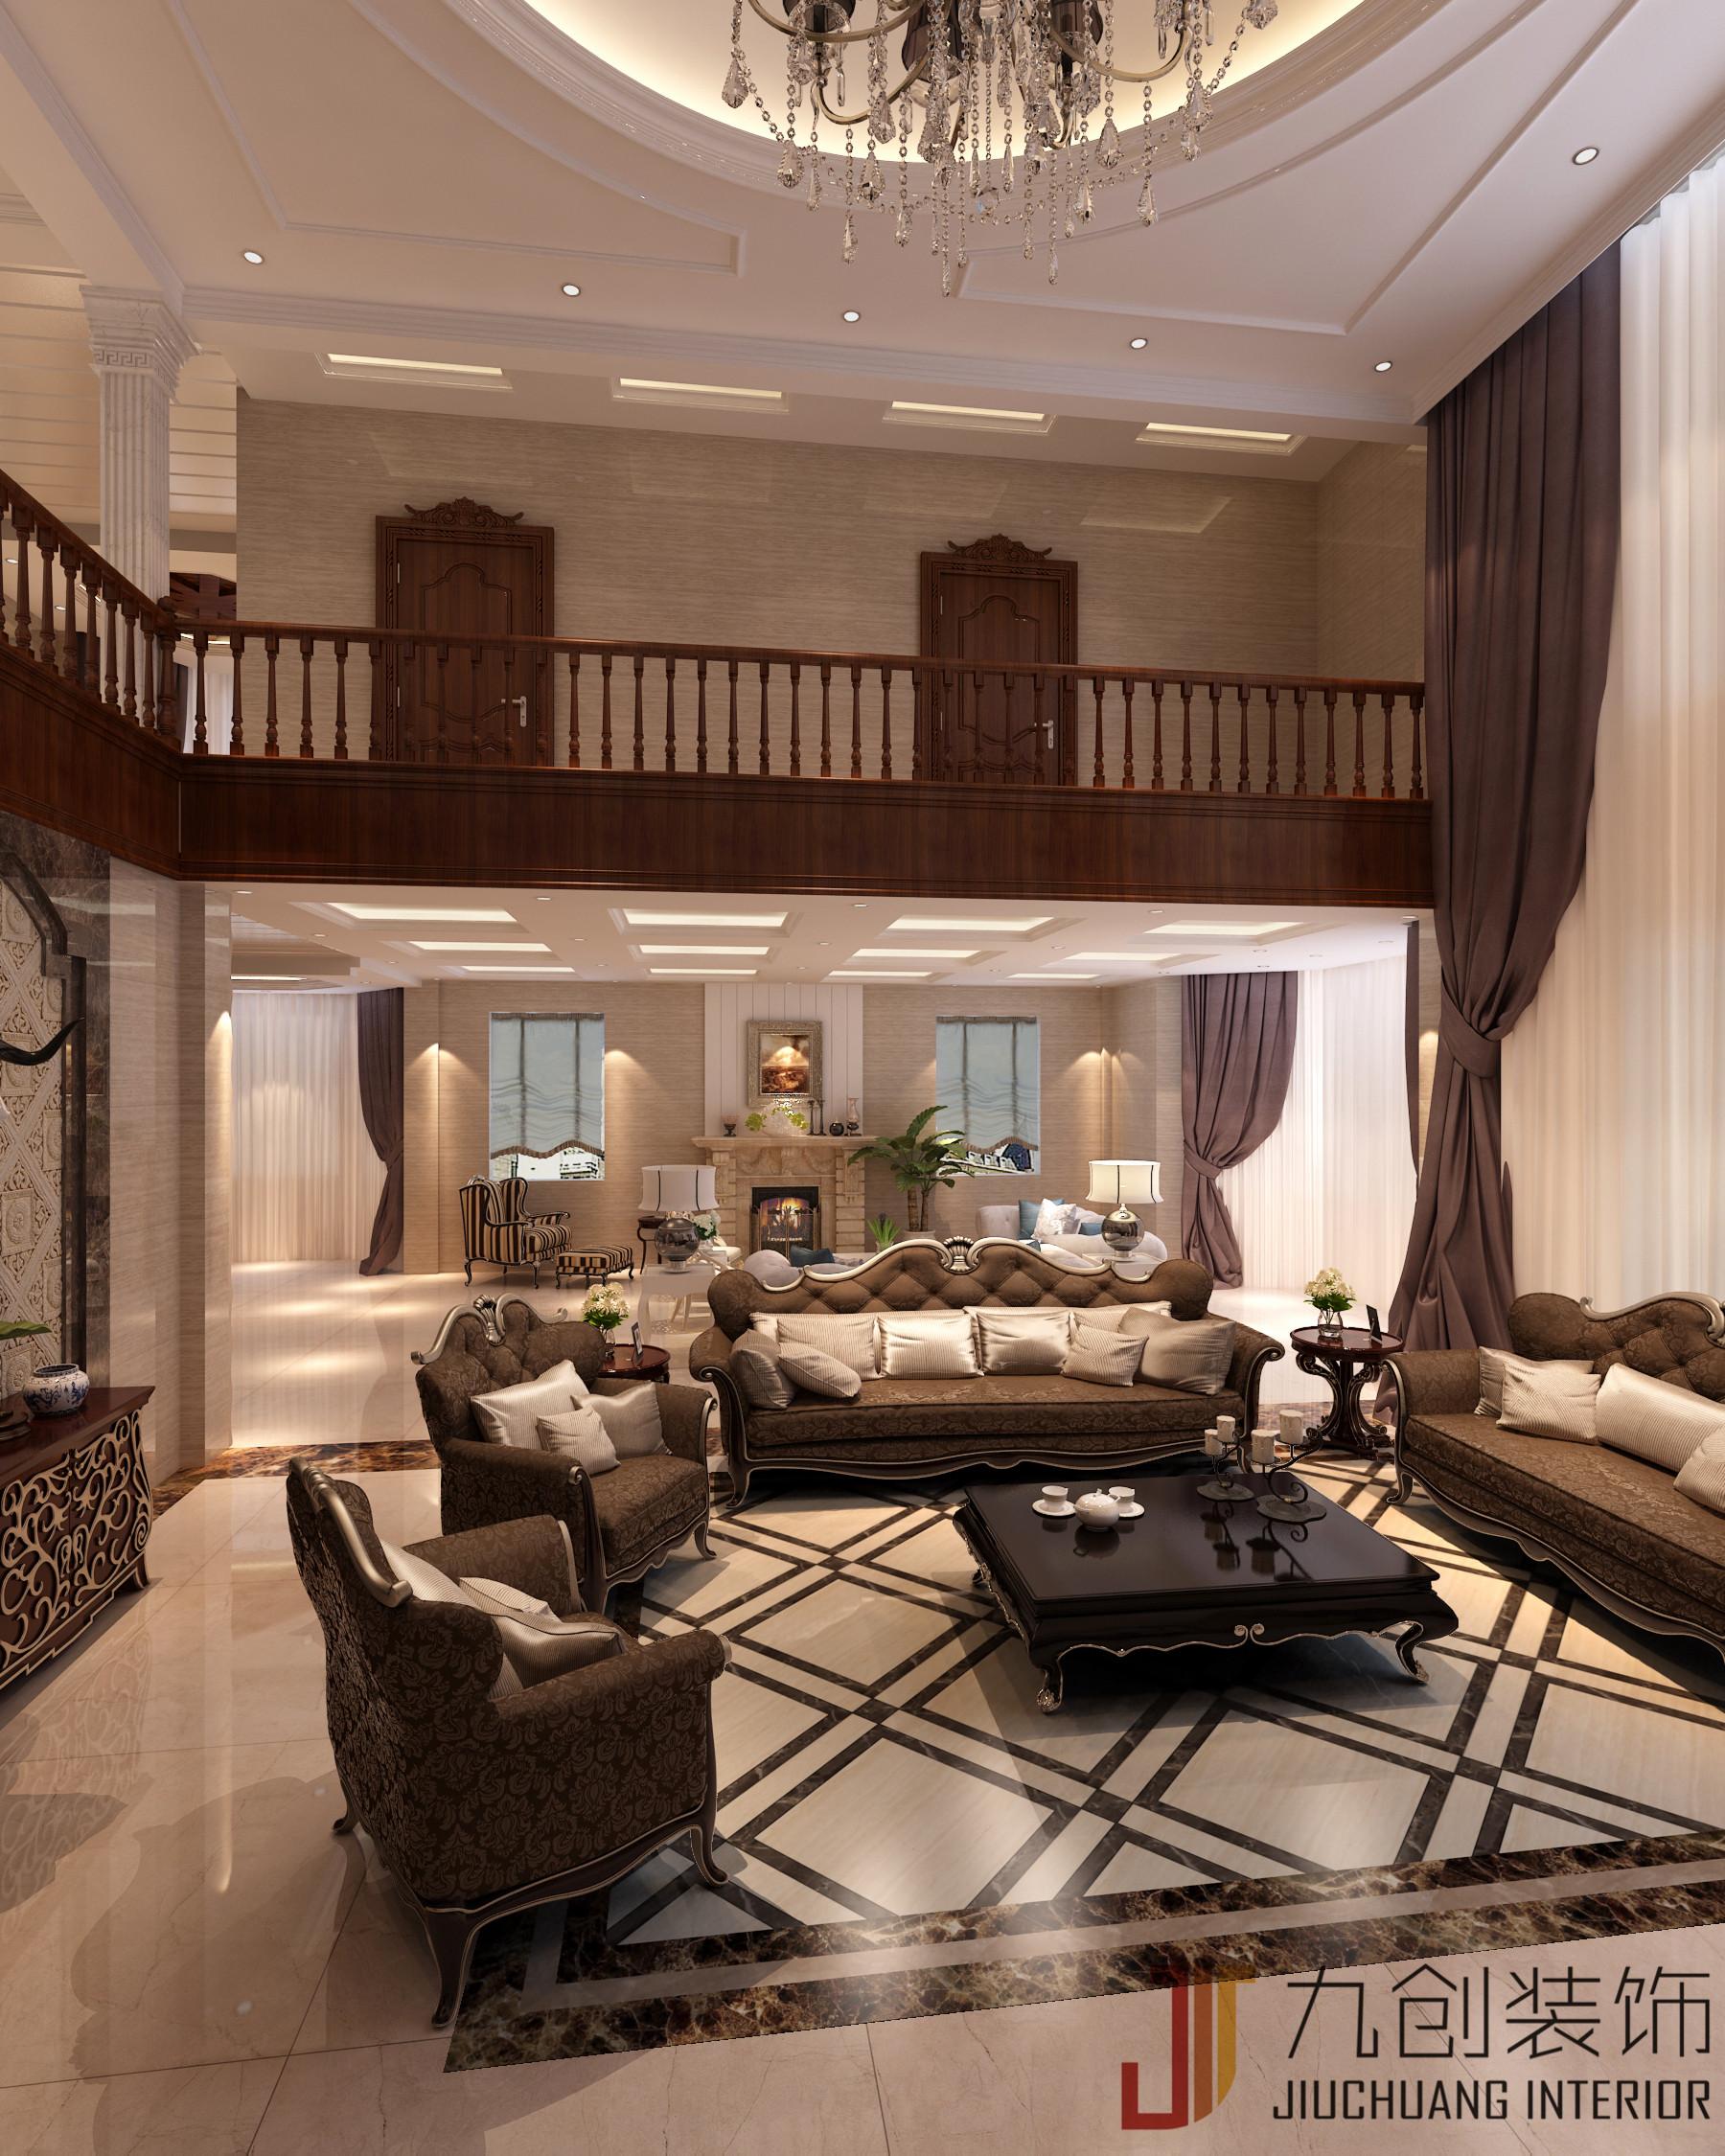 别墅 豪华 自建房 欧式 客厅图片来自昆明九创装饰温舒德在超级豪华大别墅,有钱就是任性的分享